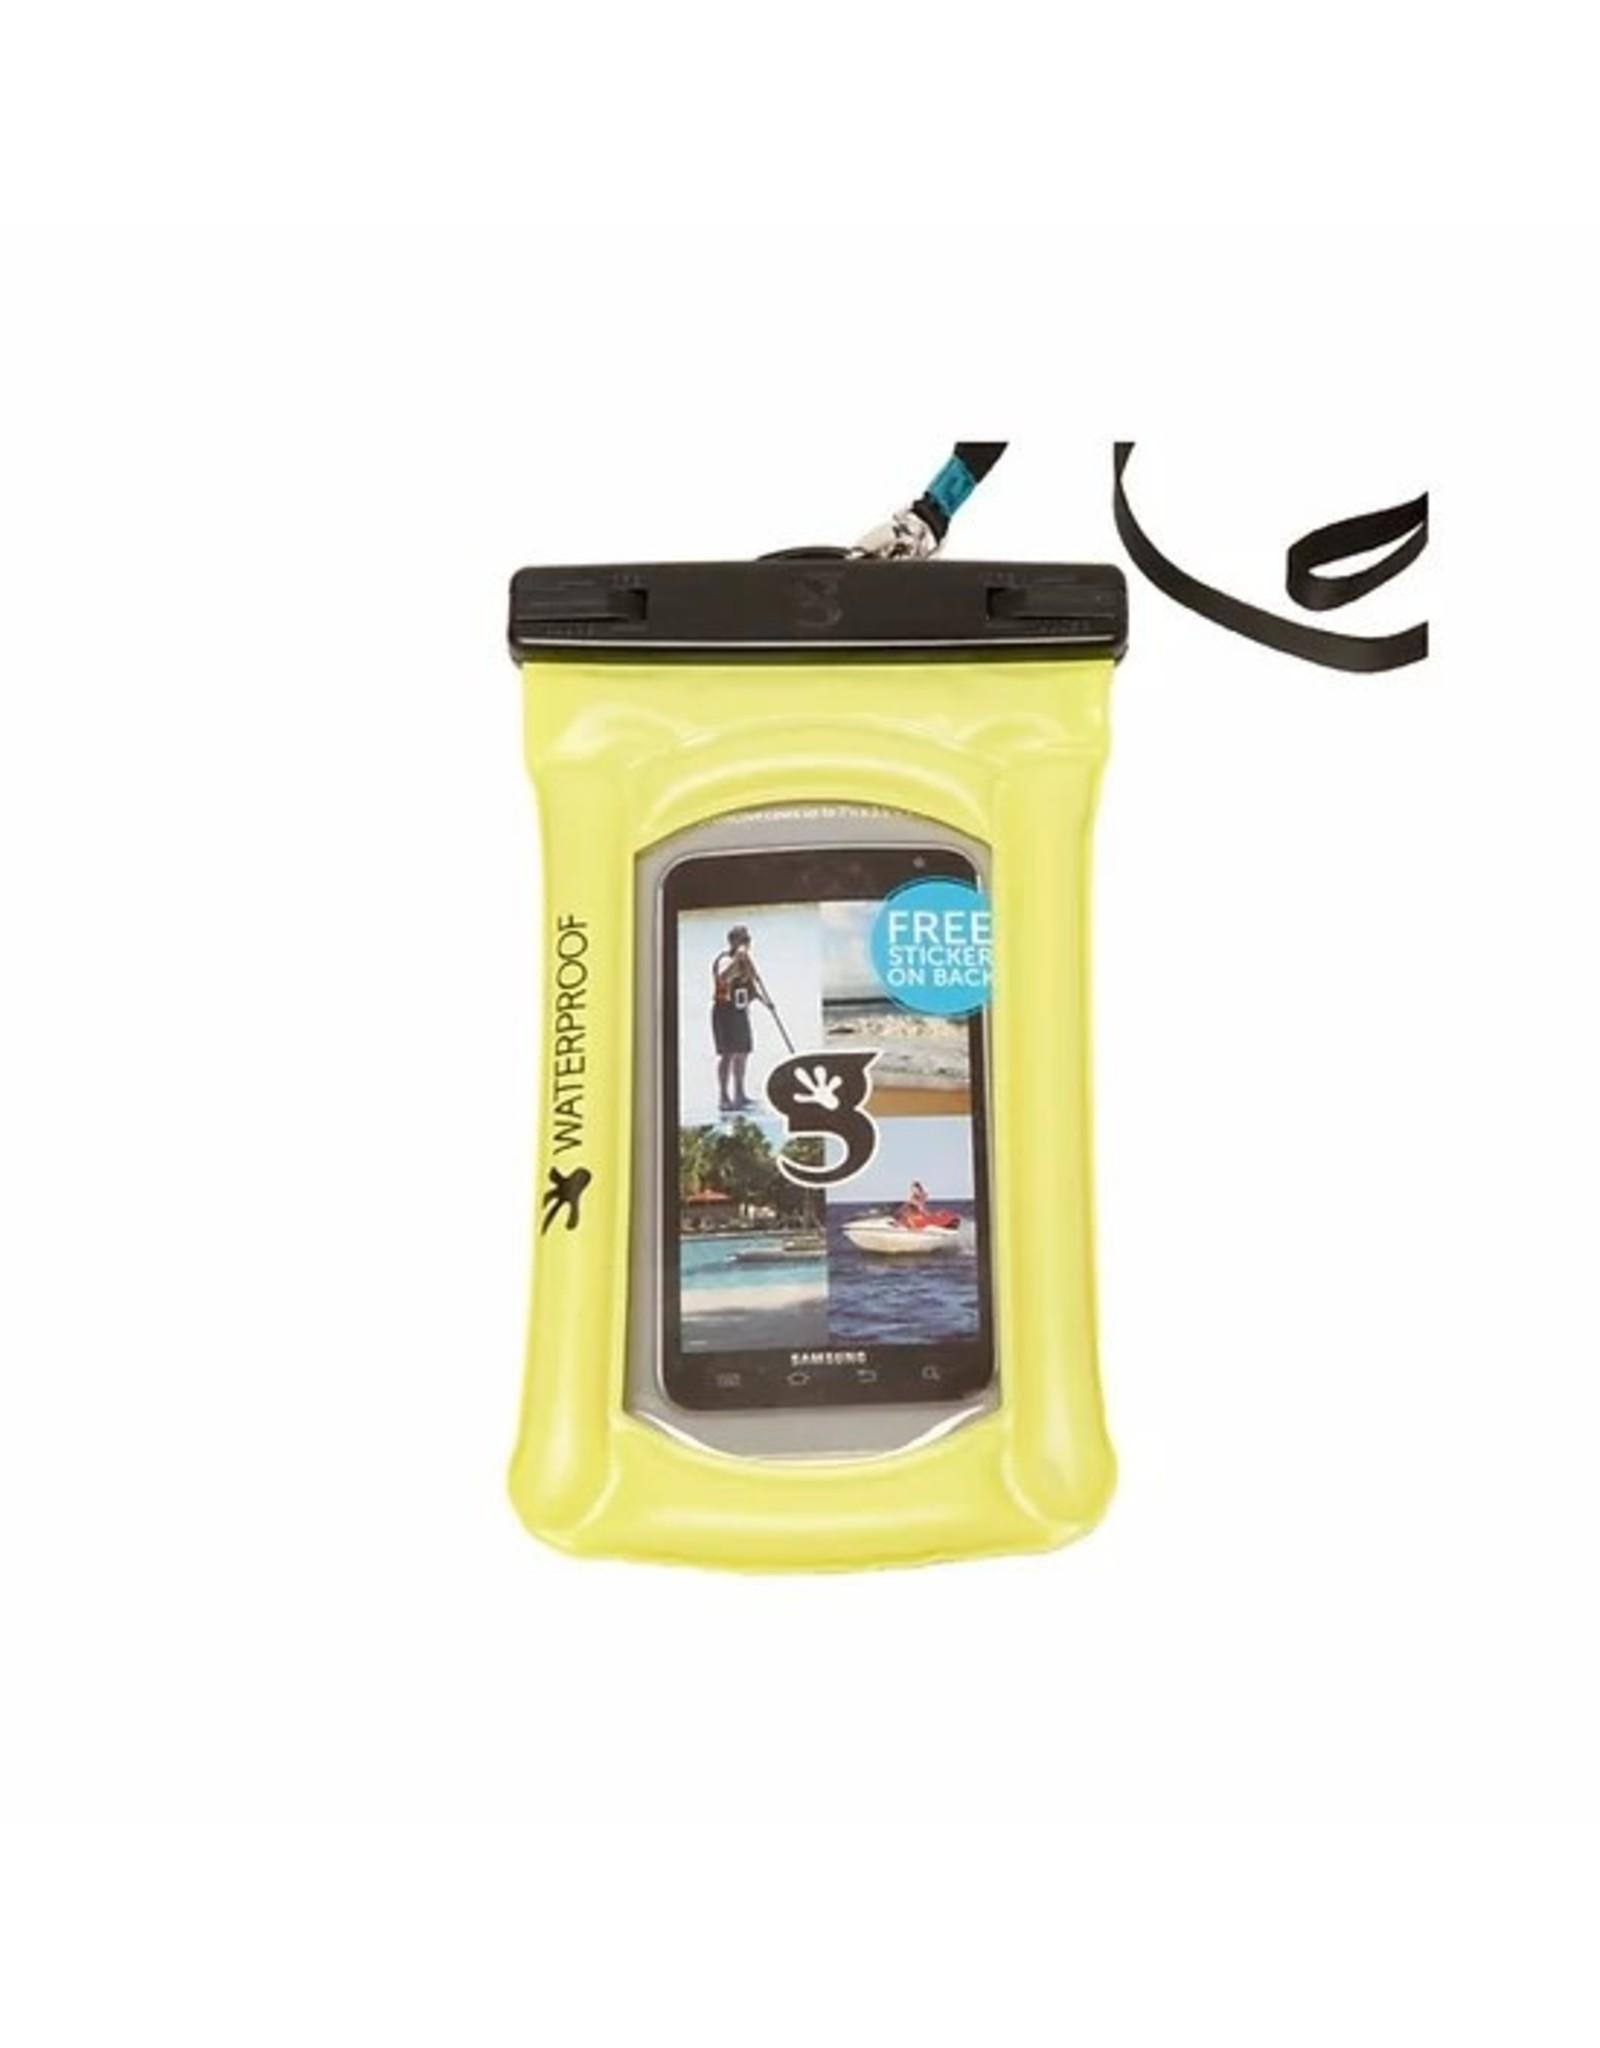 Geckobrands Float Large Phone Dry Bag - Green